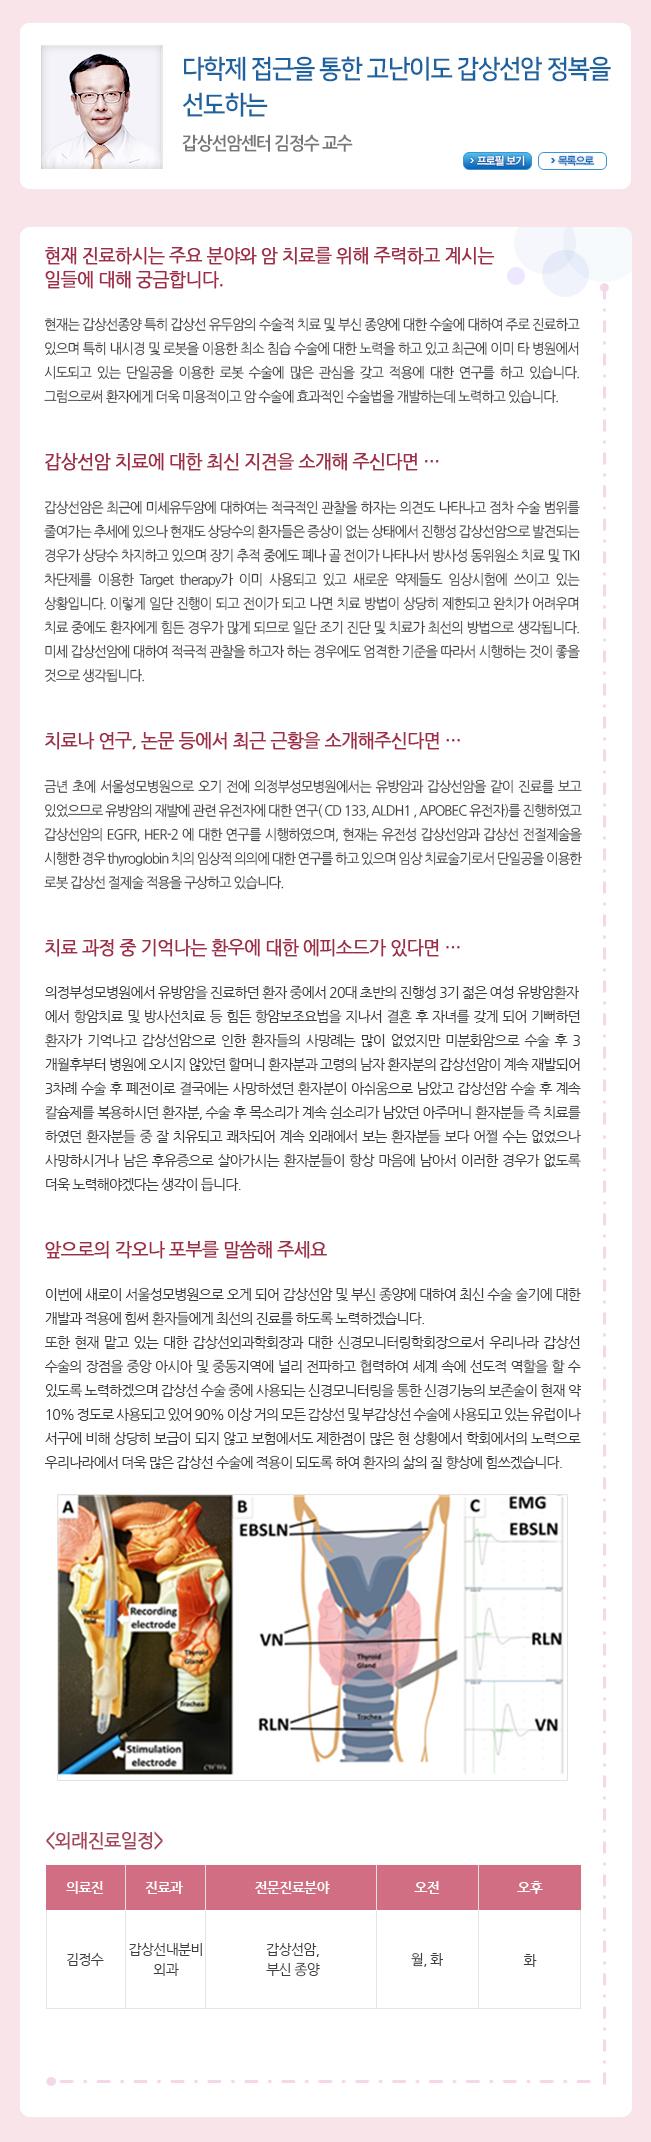 다학제 접근을 통한 고난이도 갑상선암 정복을 선도하는 갑상선암센터 김정수 교수